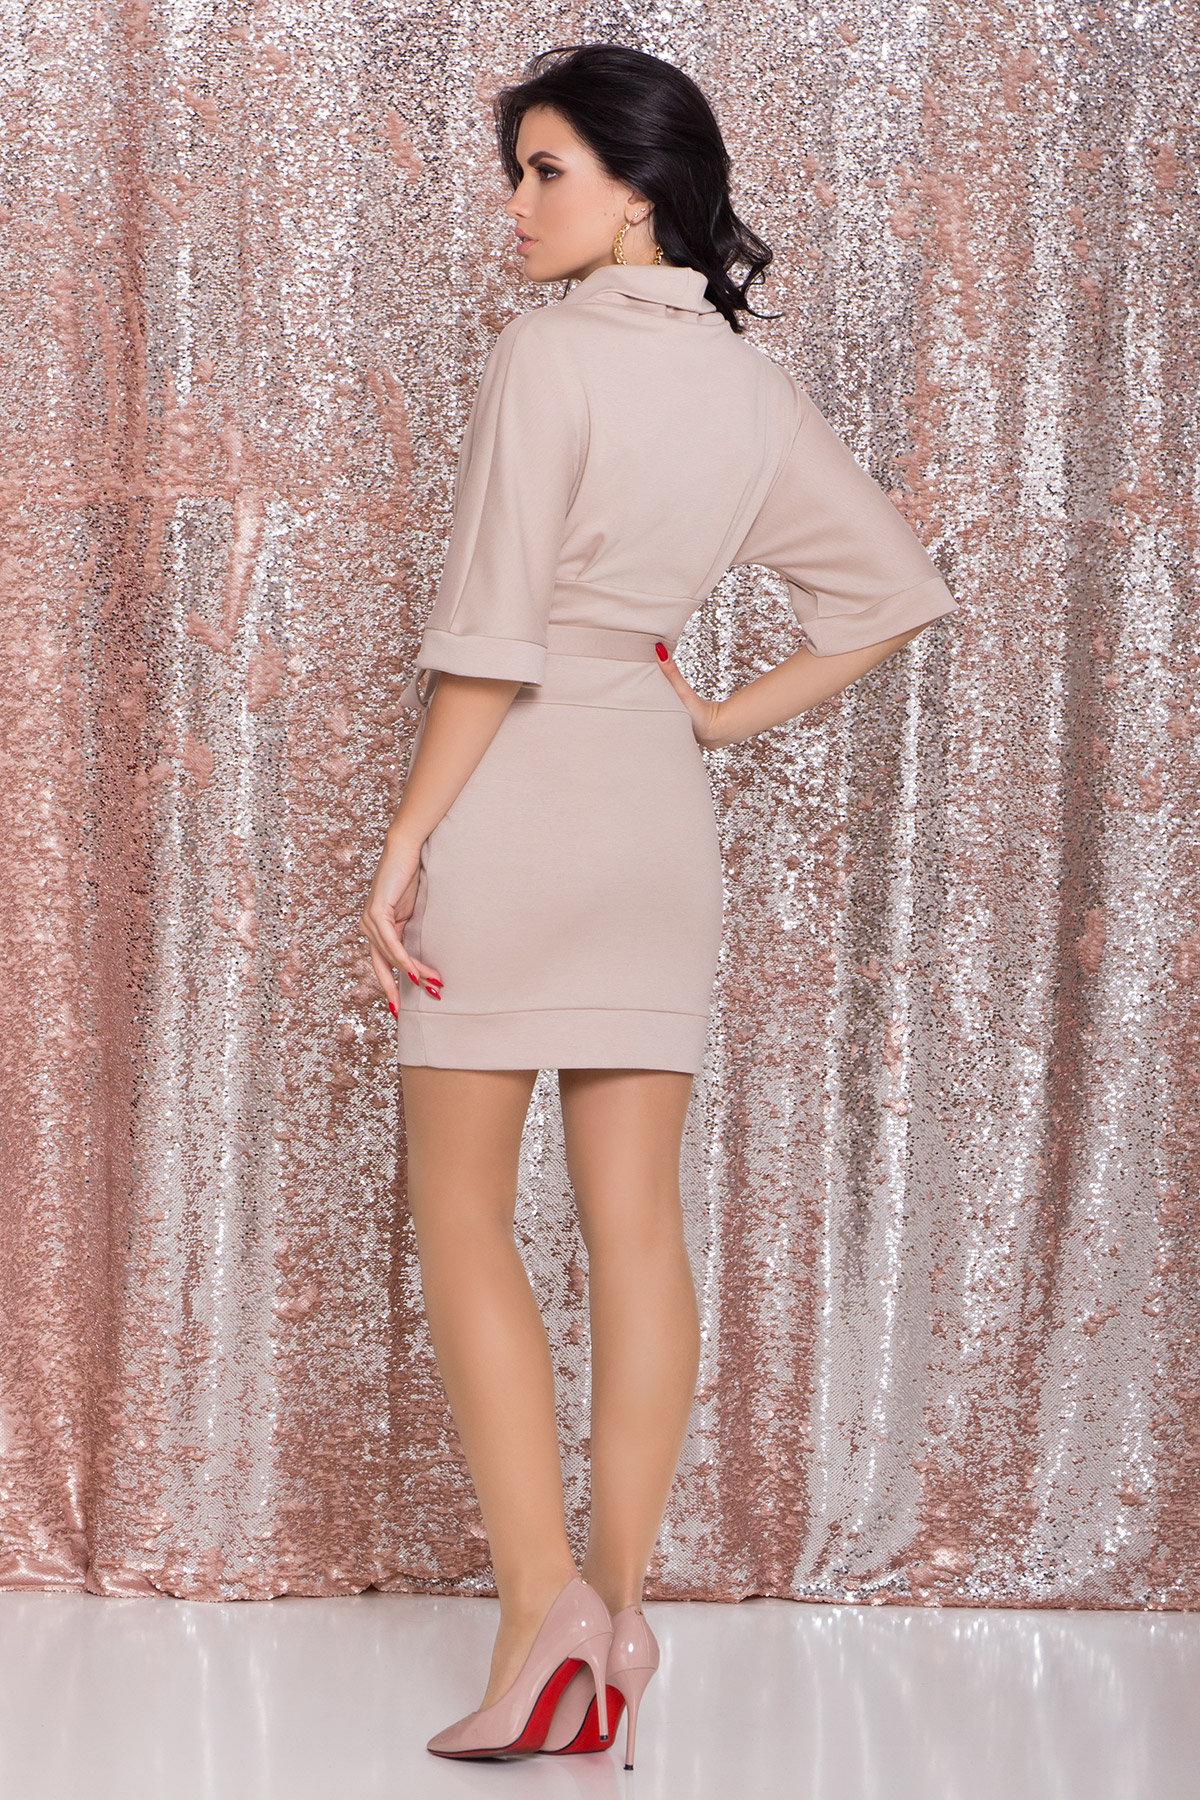 Трикотажное платье Вассаби 8478 АРТ. 44764 Цвет: Бежевый - фото 3, интернет магазин tm-modus.ru